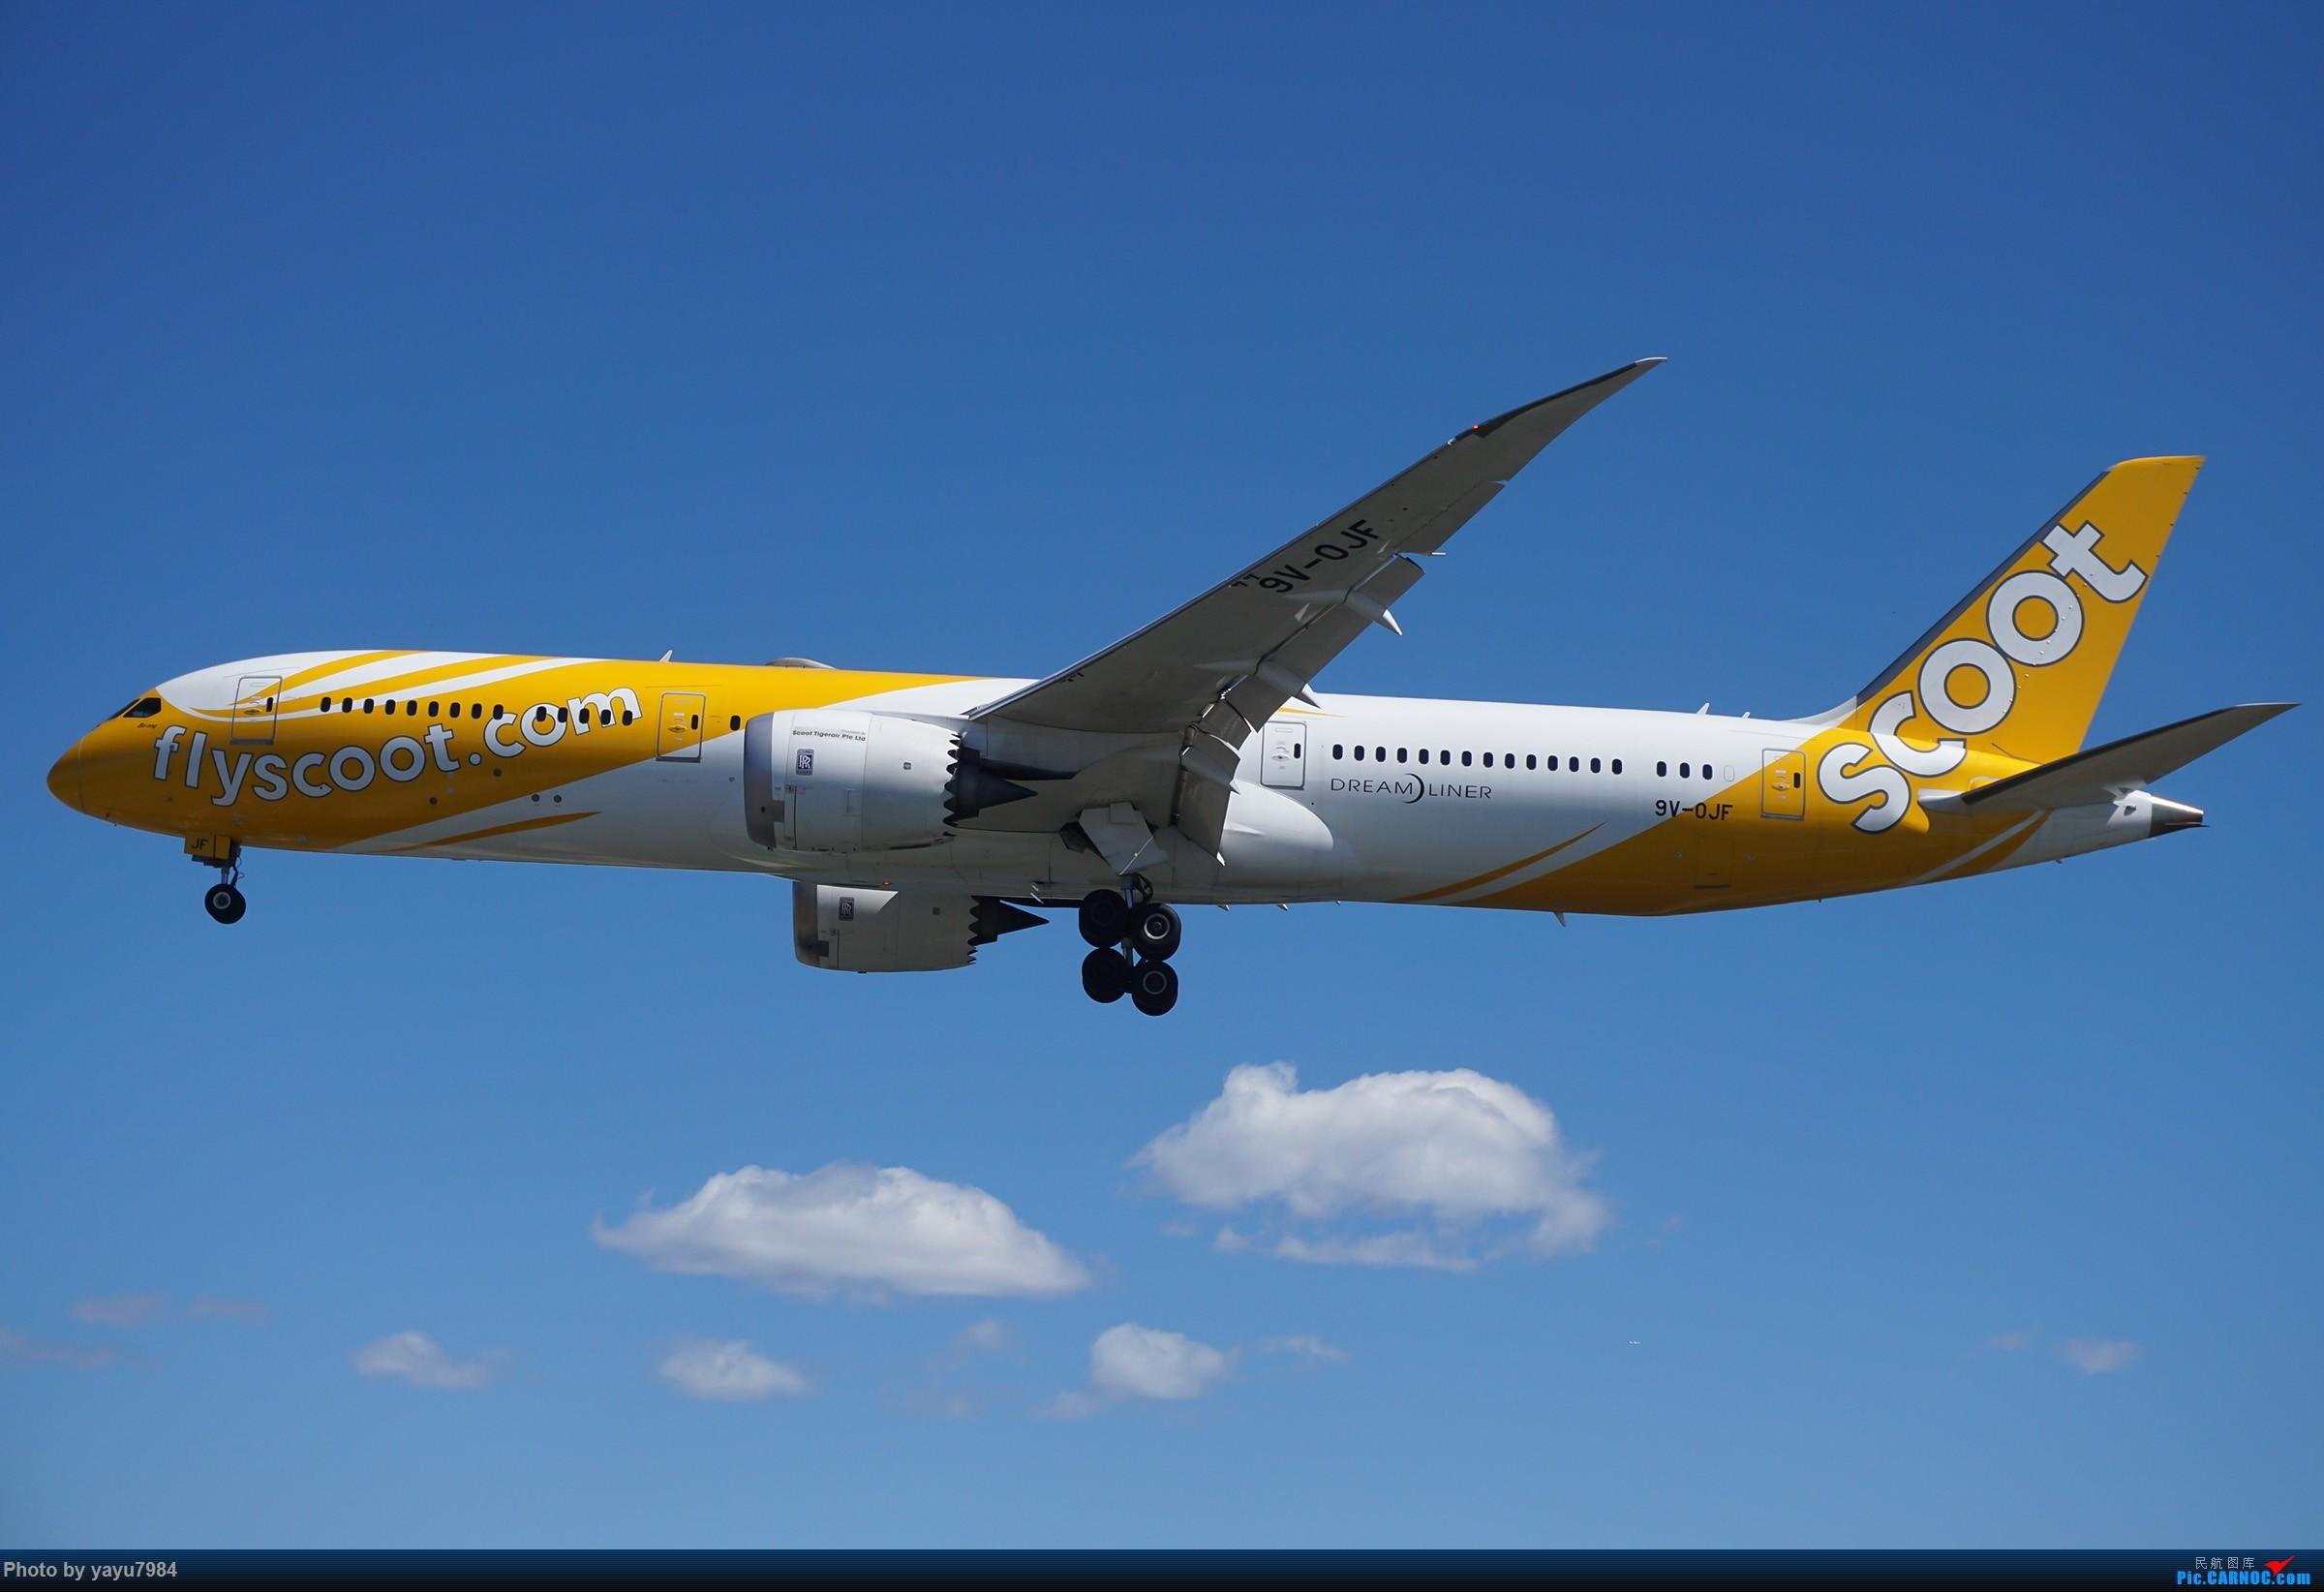 Re:[原创][SYD] 东航天合332,雪绒花343,华航蓝鹊,以及其他日常货 BOEING 787-9 9V-OJF 澳大利亚悉尼金斯福德·史密斯机场